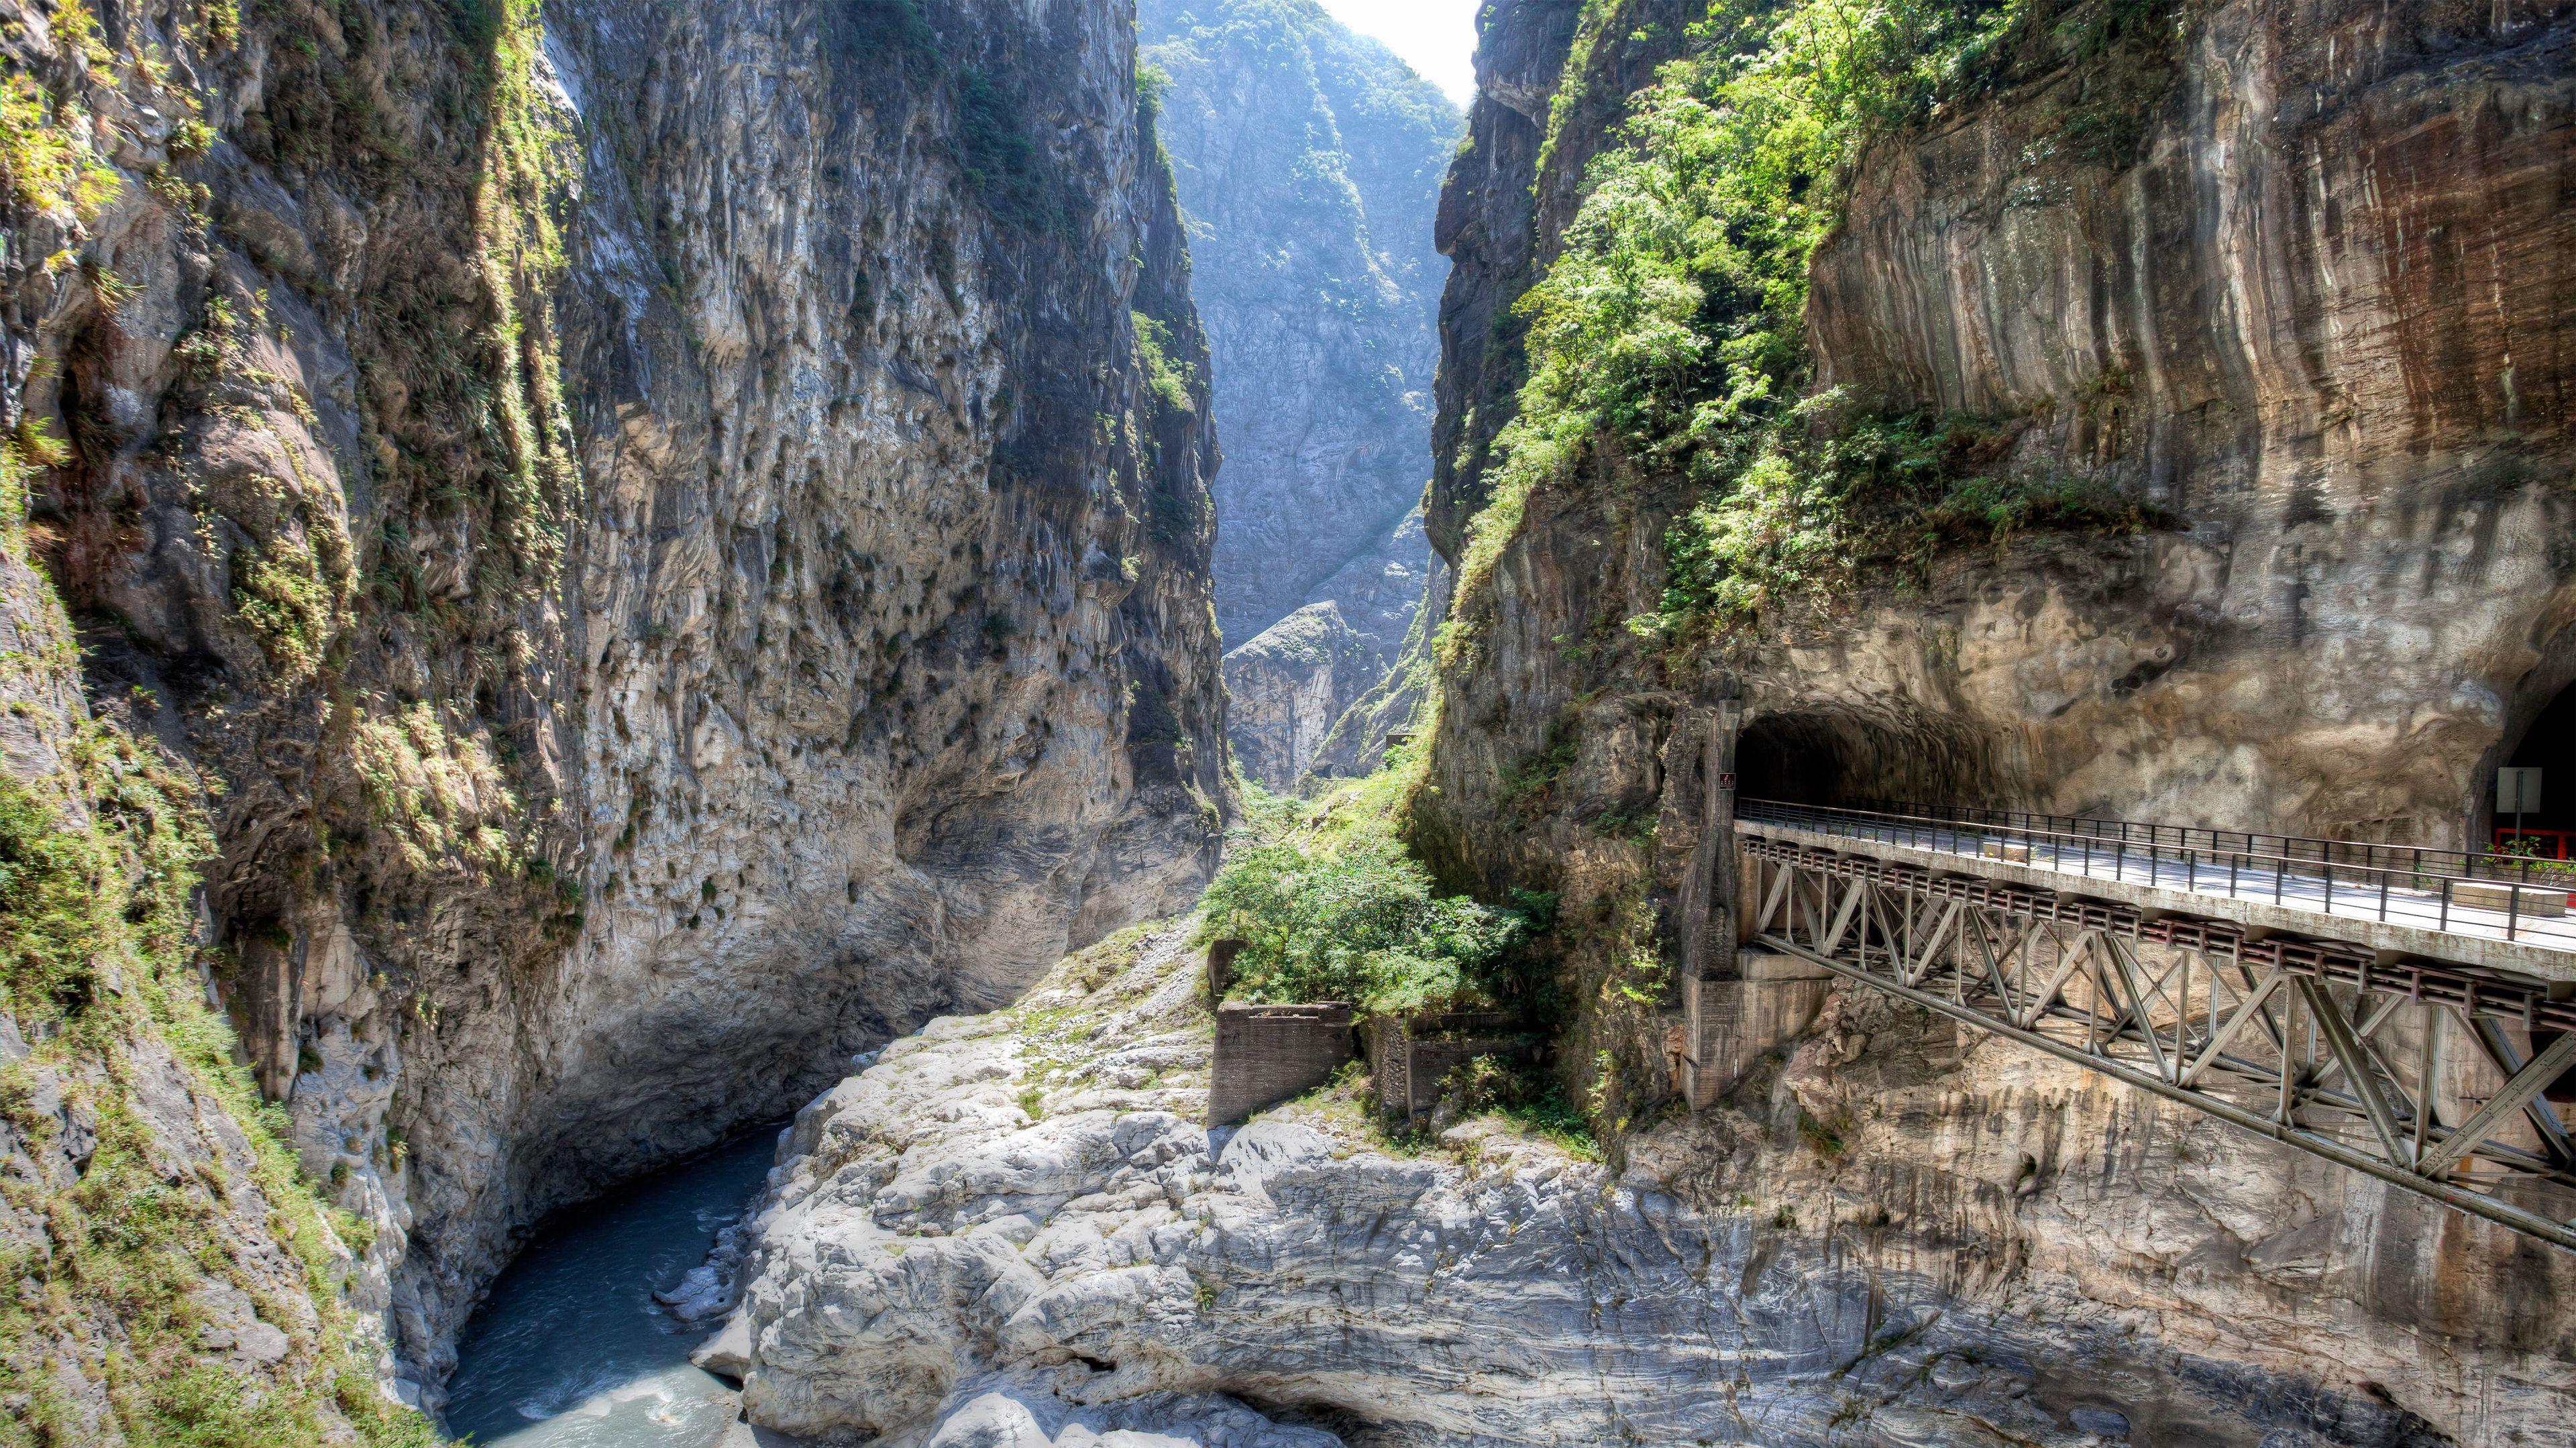 Serene views on the Taroko Gorge tour in Taiwan